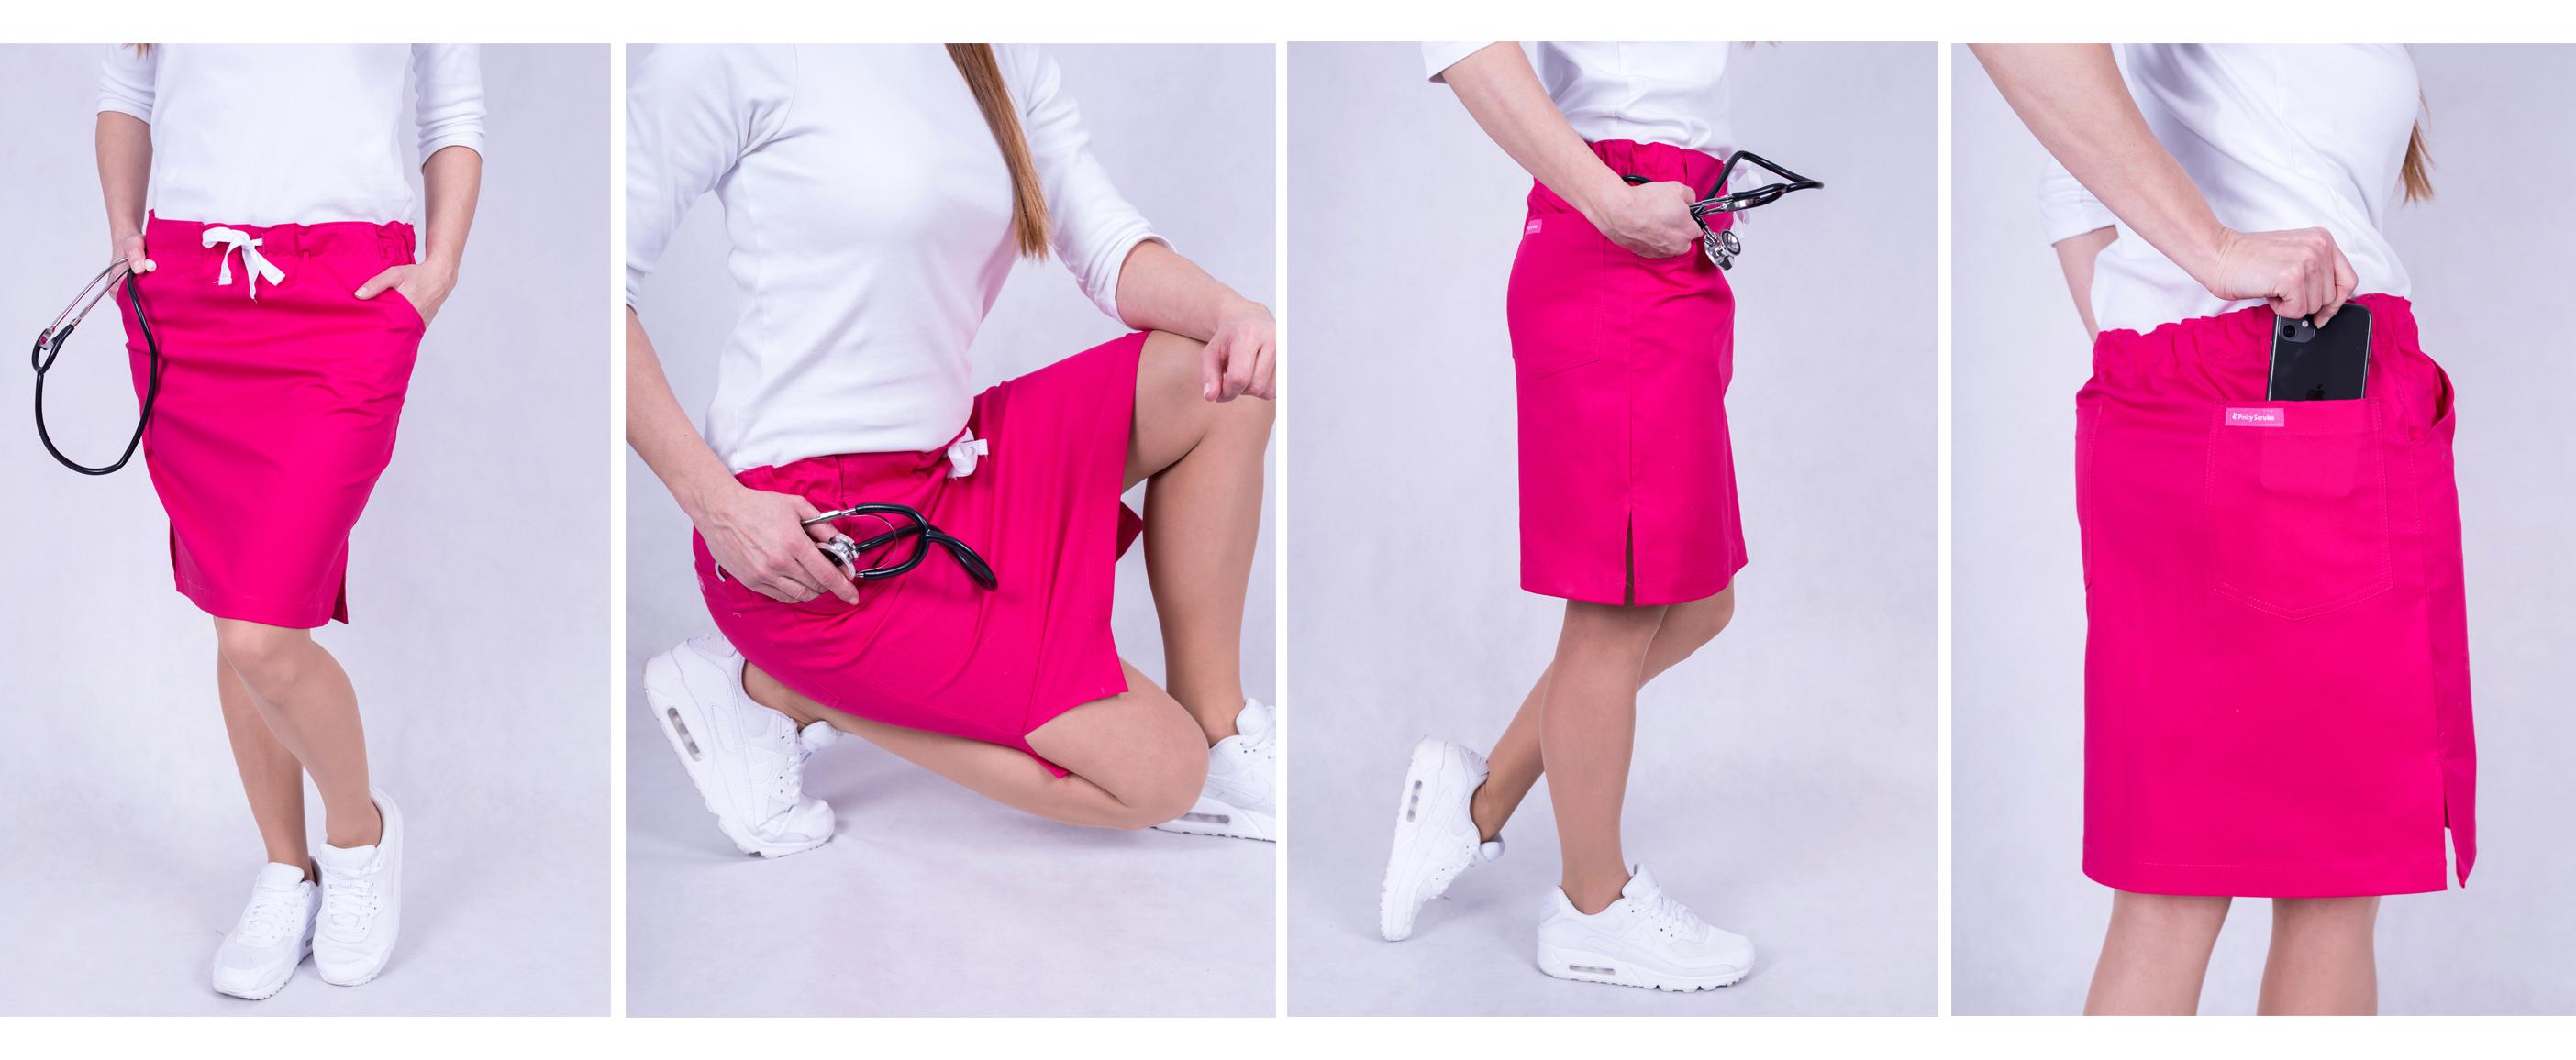 Zdravotnická sukně barevná - růžová